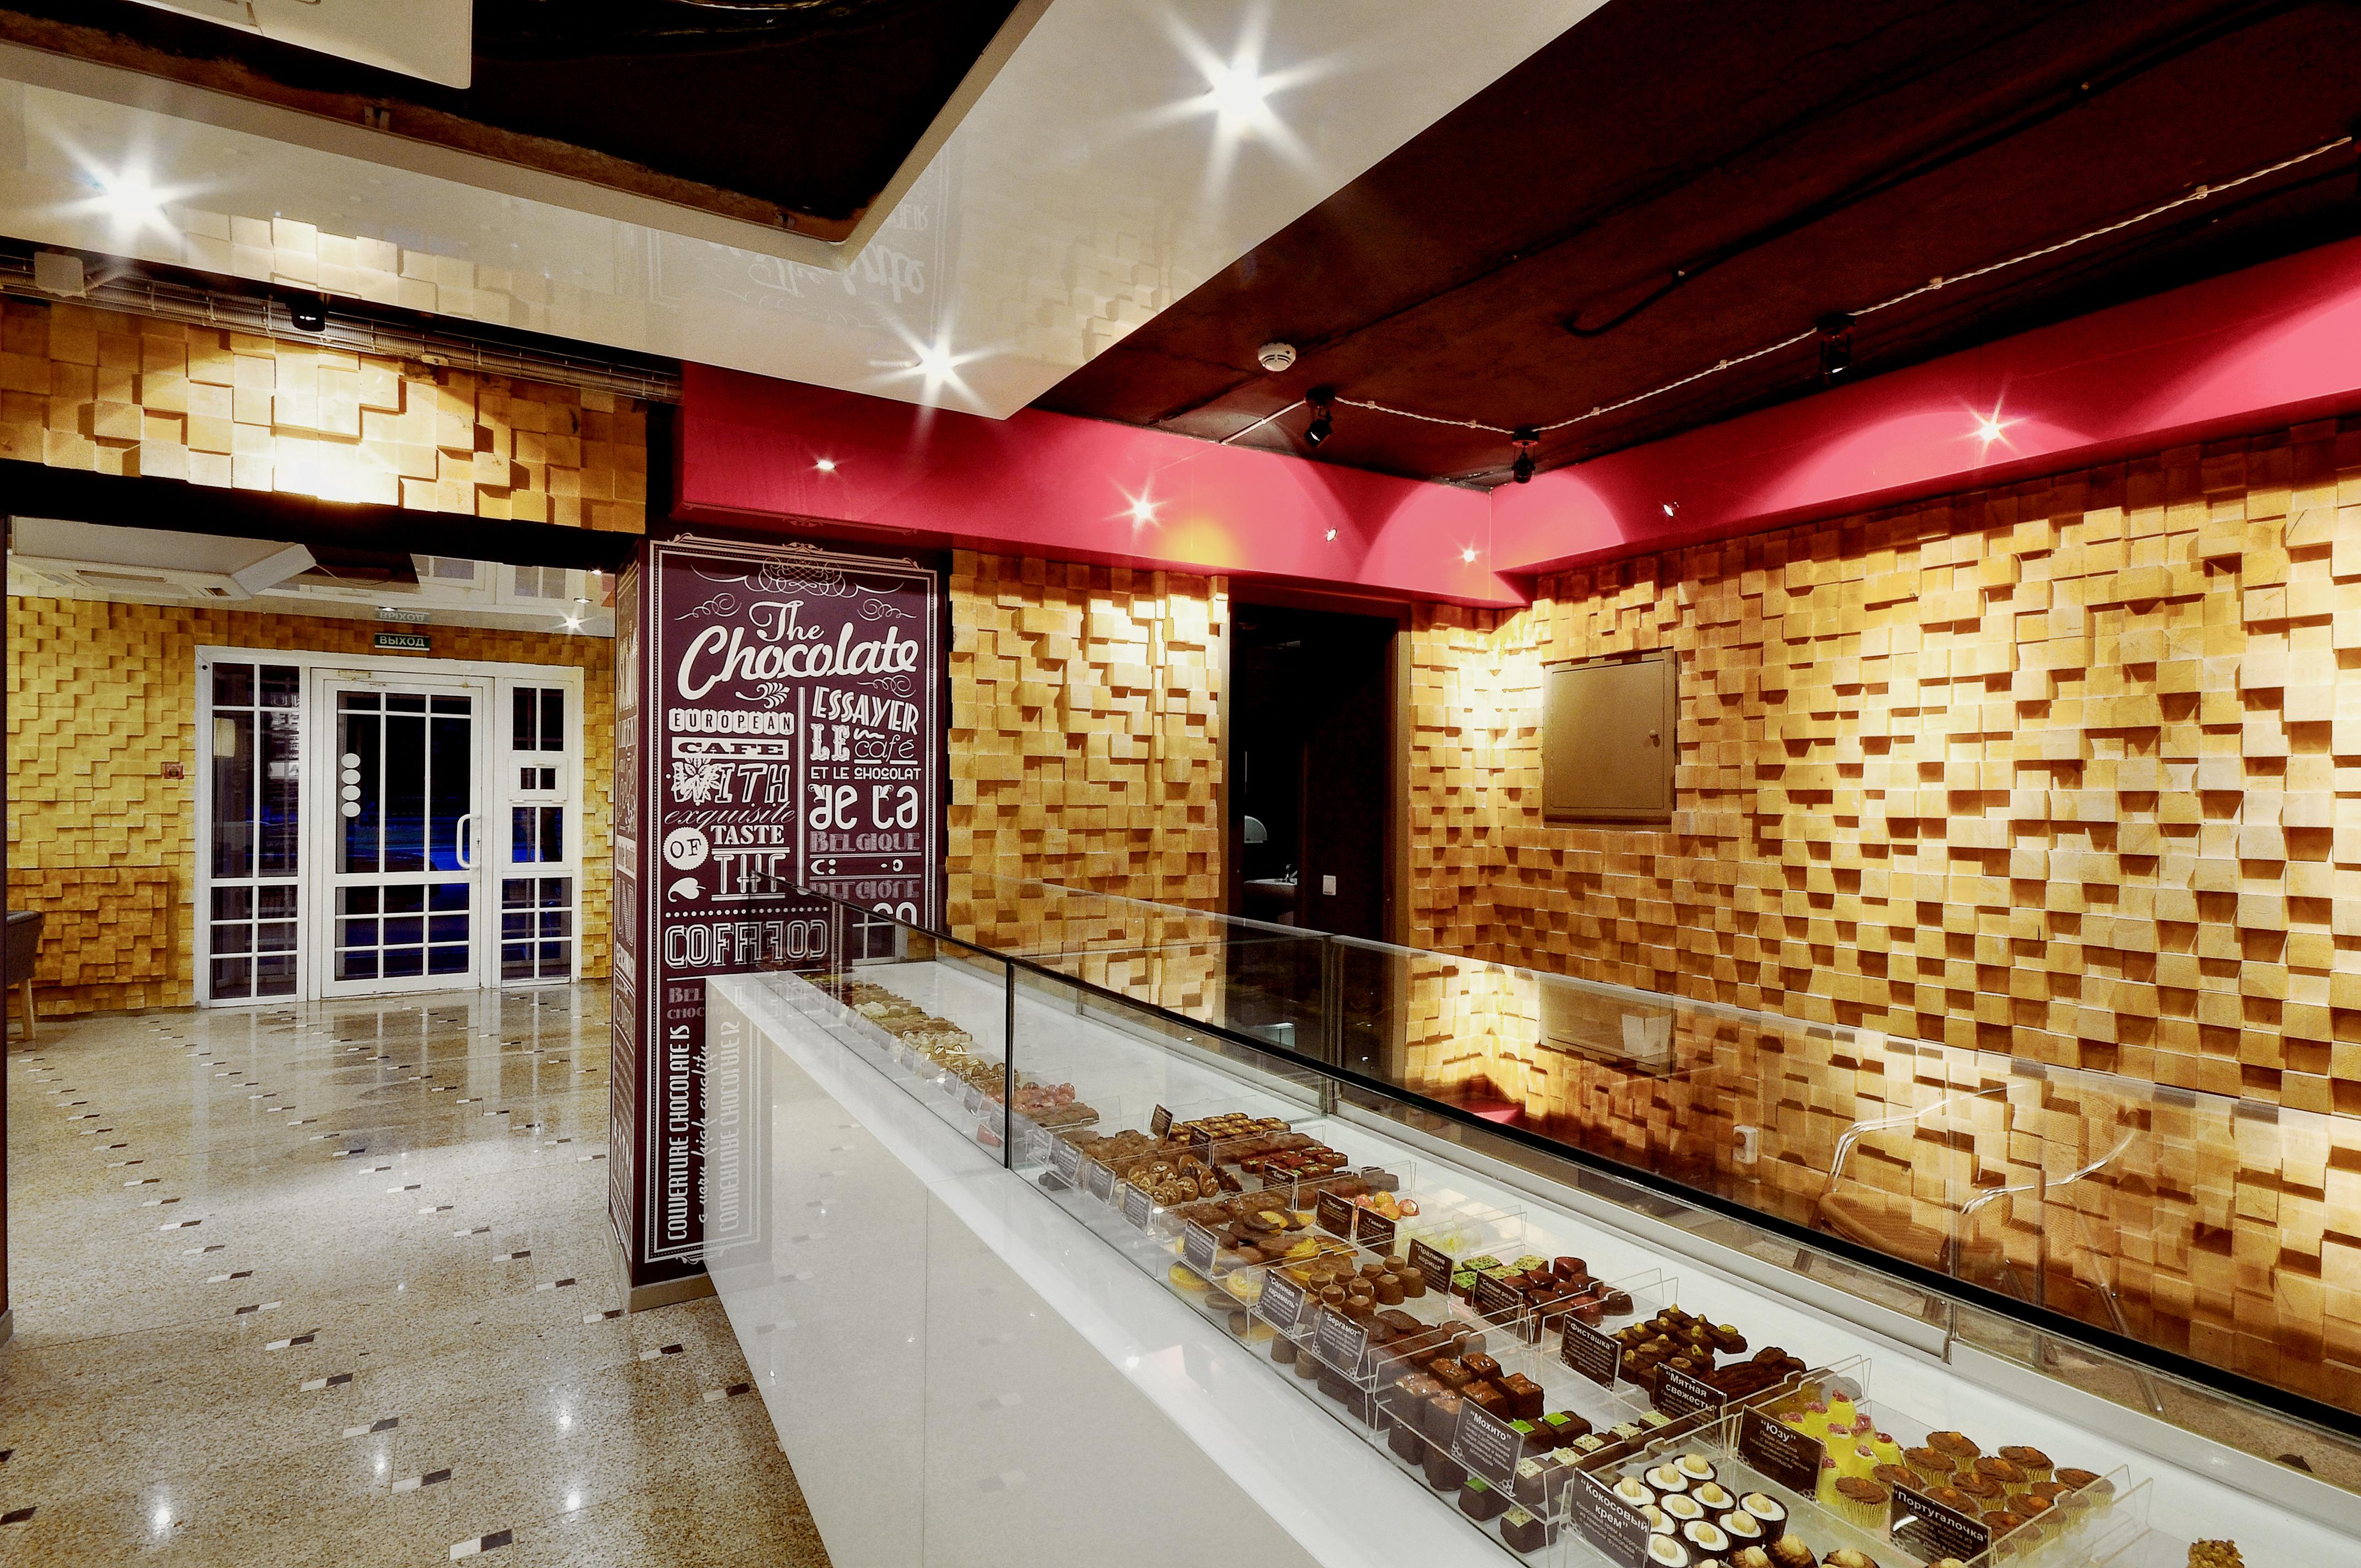 Дизайн интерьера кафе и магазина шоколада Couverture Chocolatier Café